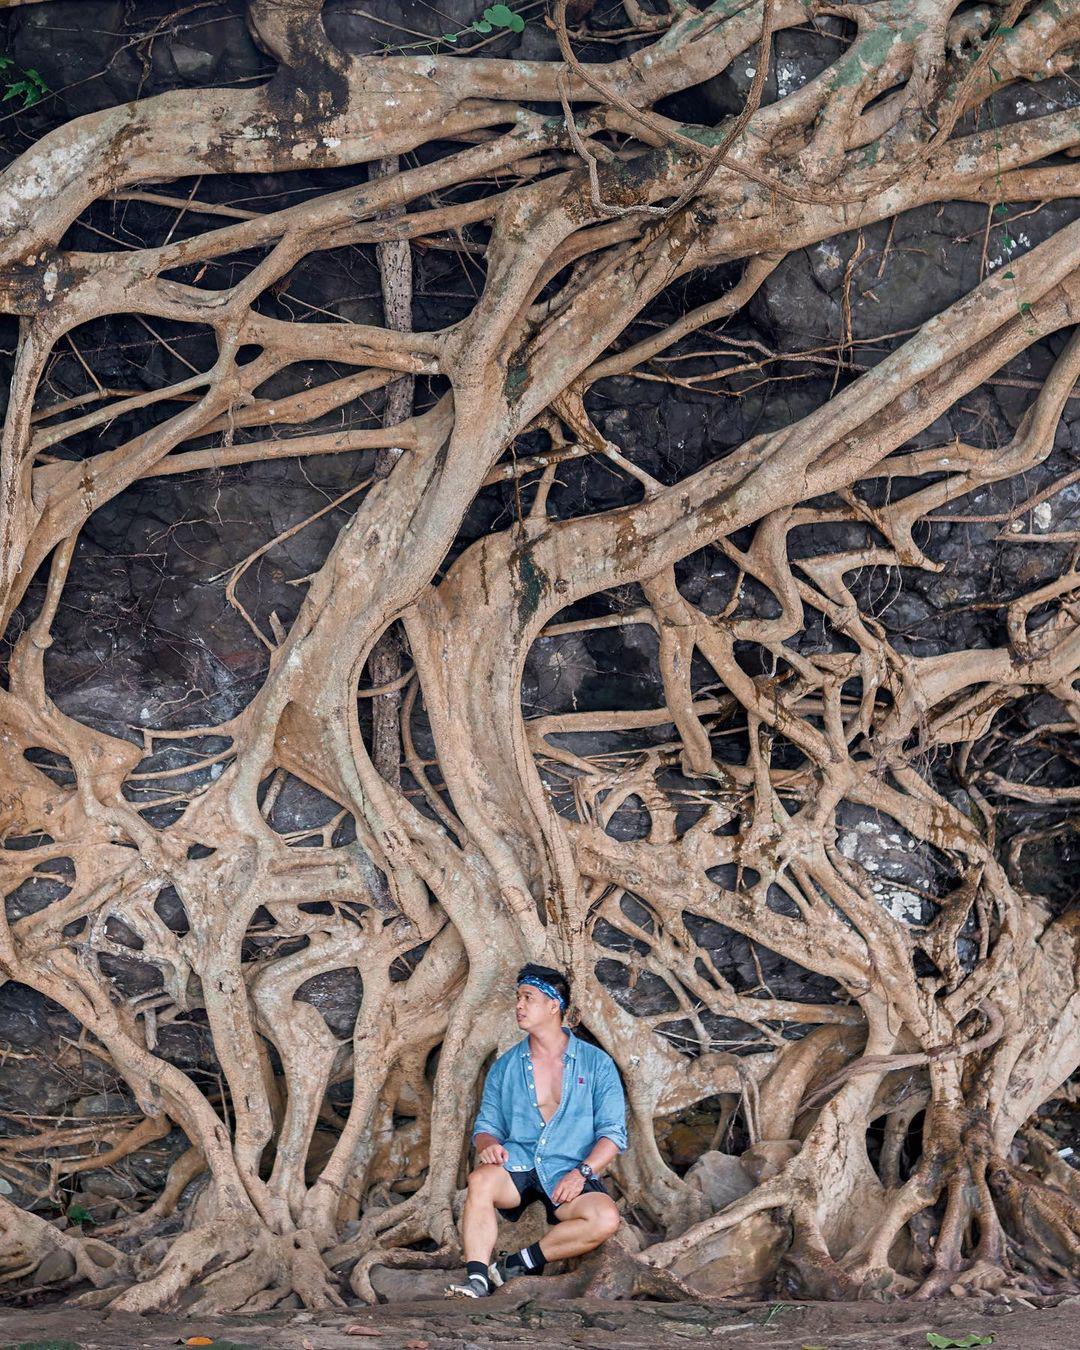 """Cây si cổ thụ có bộ rễ """"khủng"""" hút du khách tới chụp ảnh ở Đắk Lắk - Ảnh 3."""